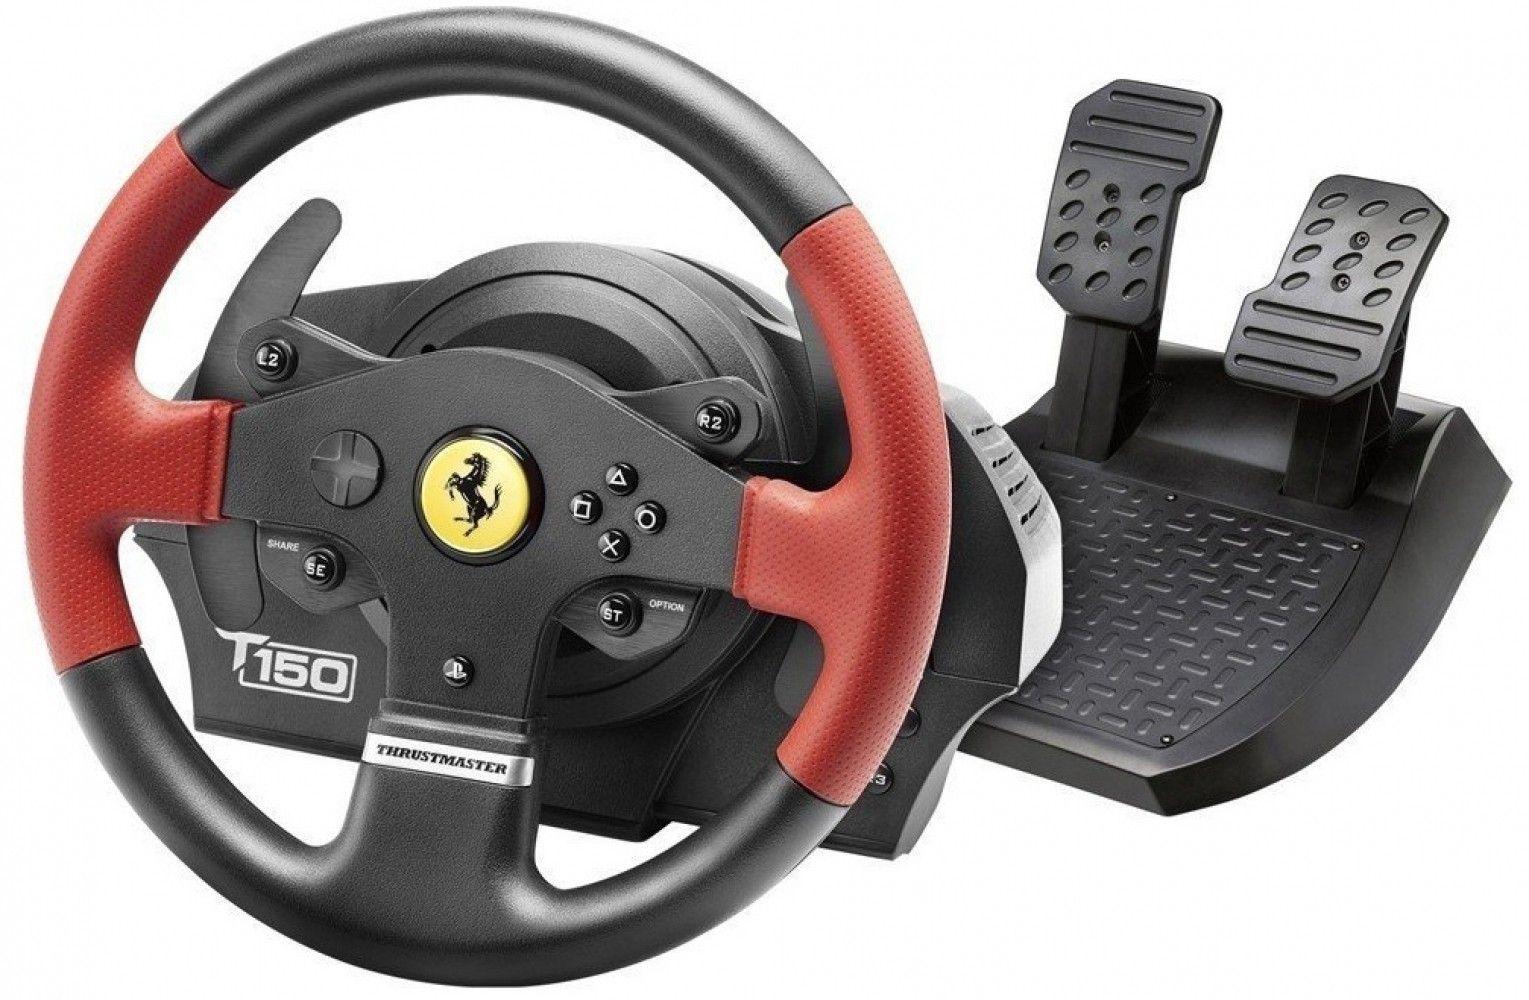 Купить Манипуляторы, джойстики, Проводной руль Thrustmaster T150 Ferrari Wheel PC/PS3/PS4 (4160630) Black